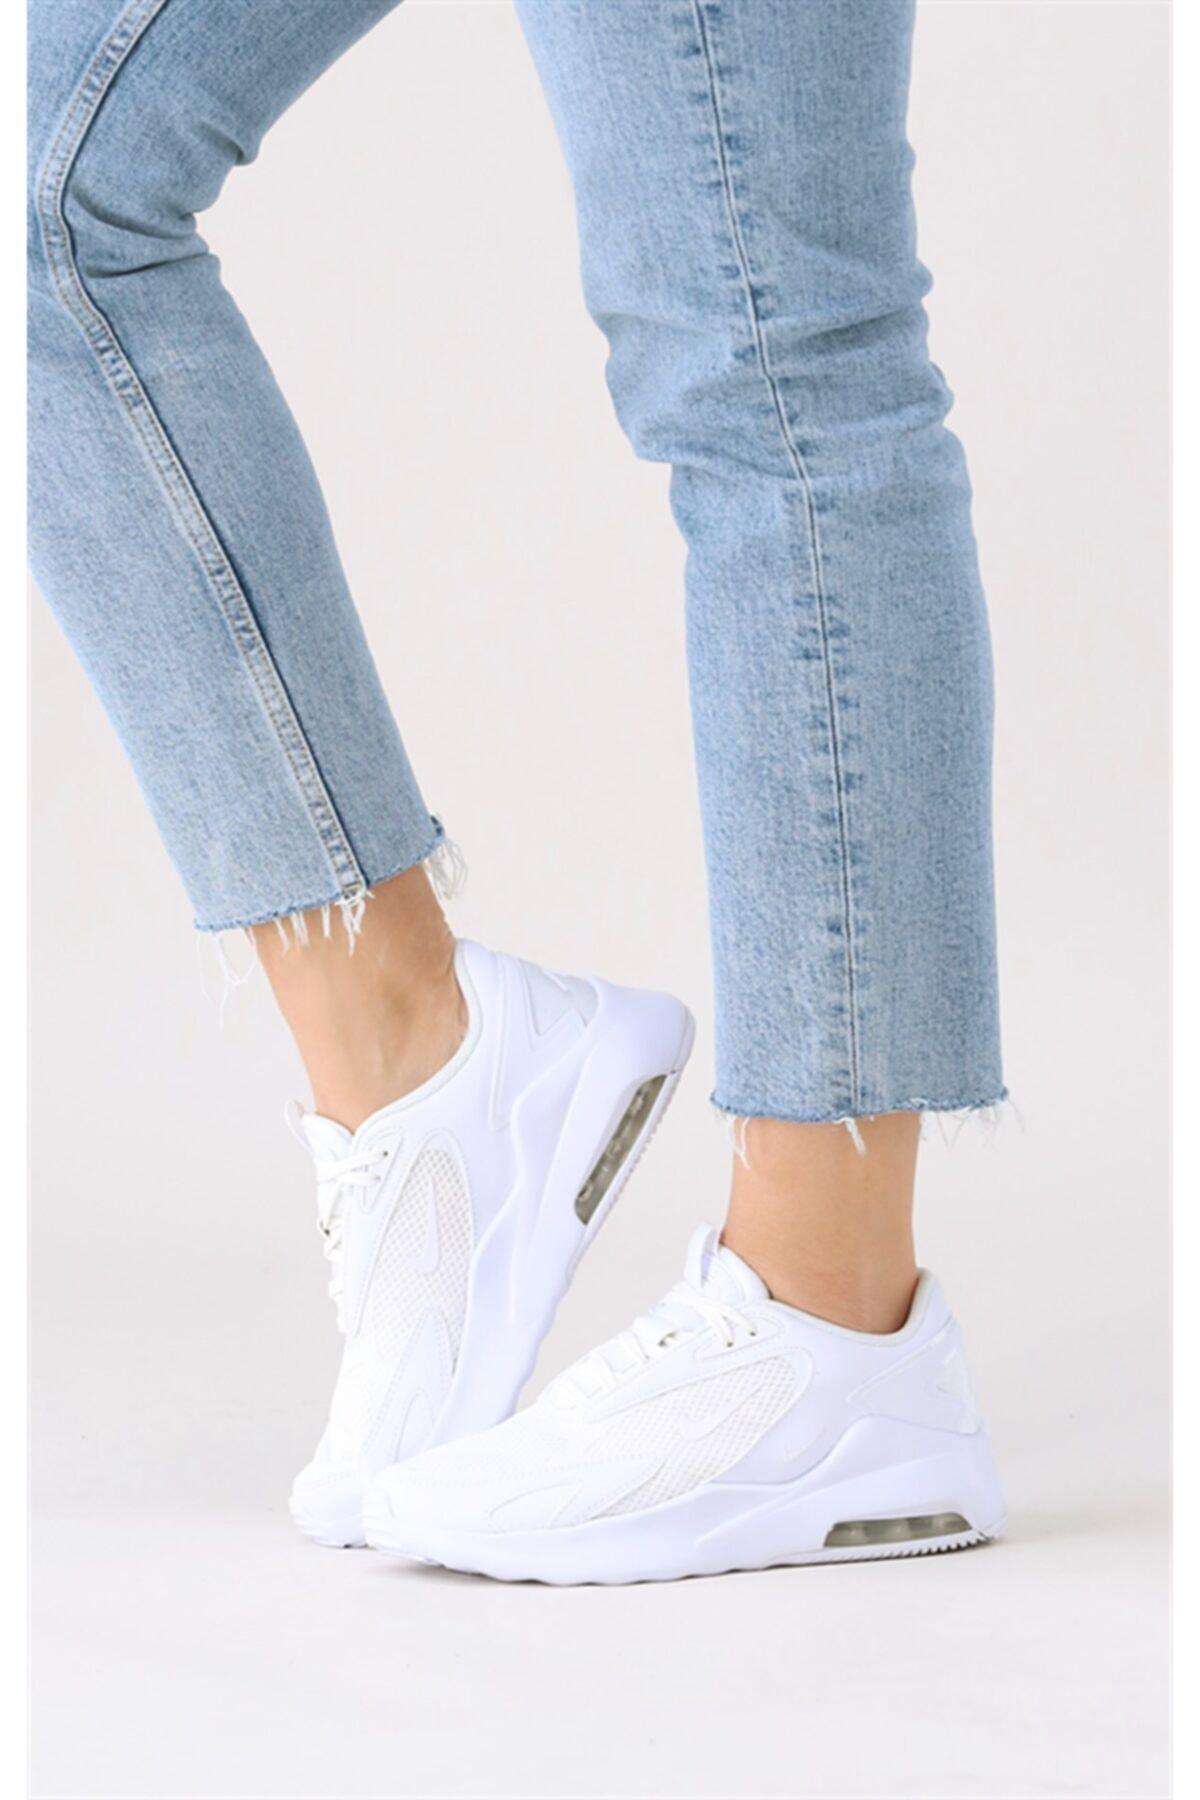 Air Max Bolt Kadın Günlük Spor Ayakkabı Beyaz Cu4152100